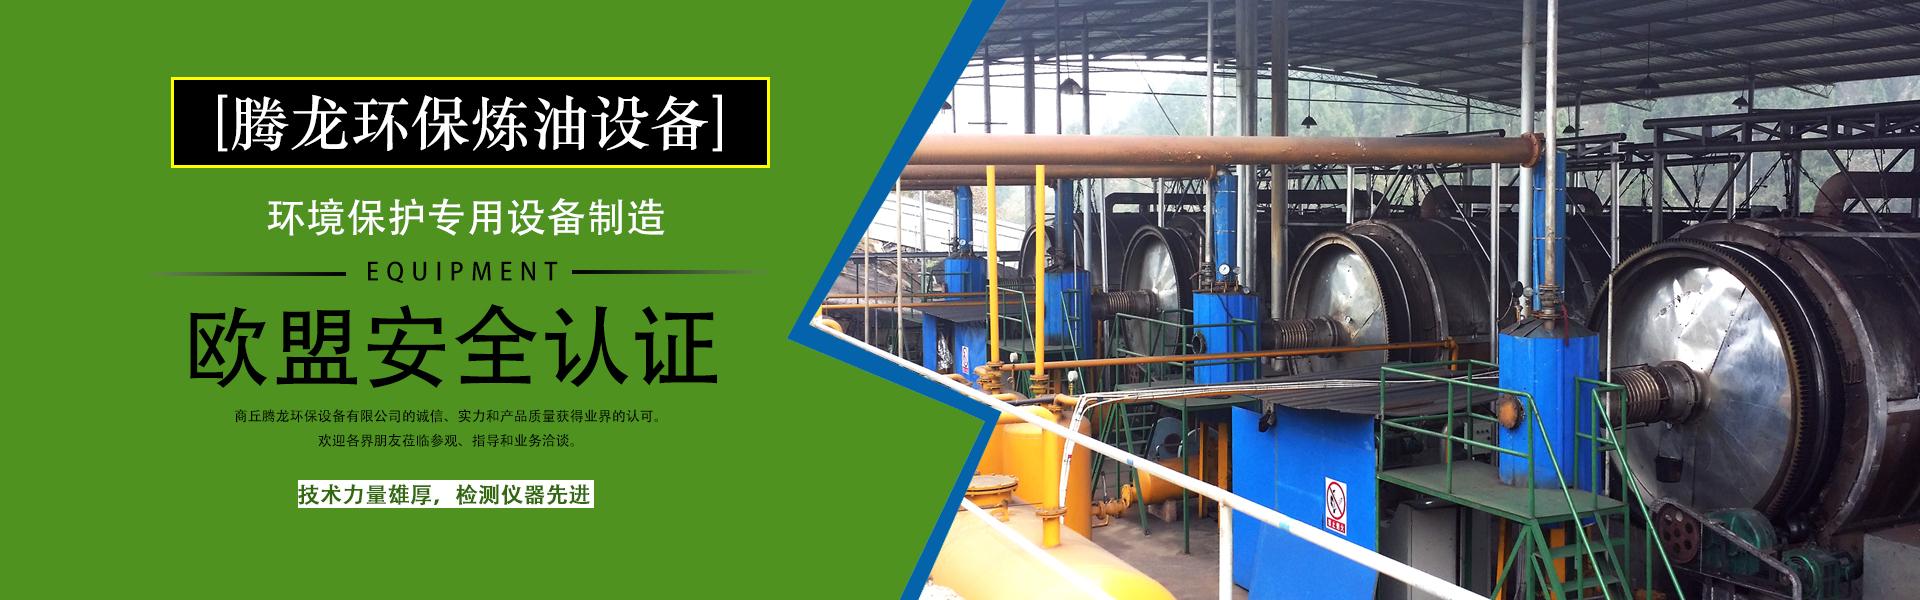 环境保护专用设备制造,轮胎炼油设备,油泥处理设备,废机油精炼设备